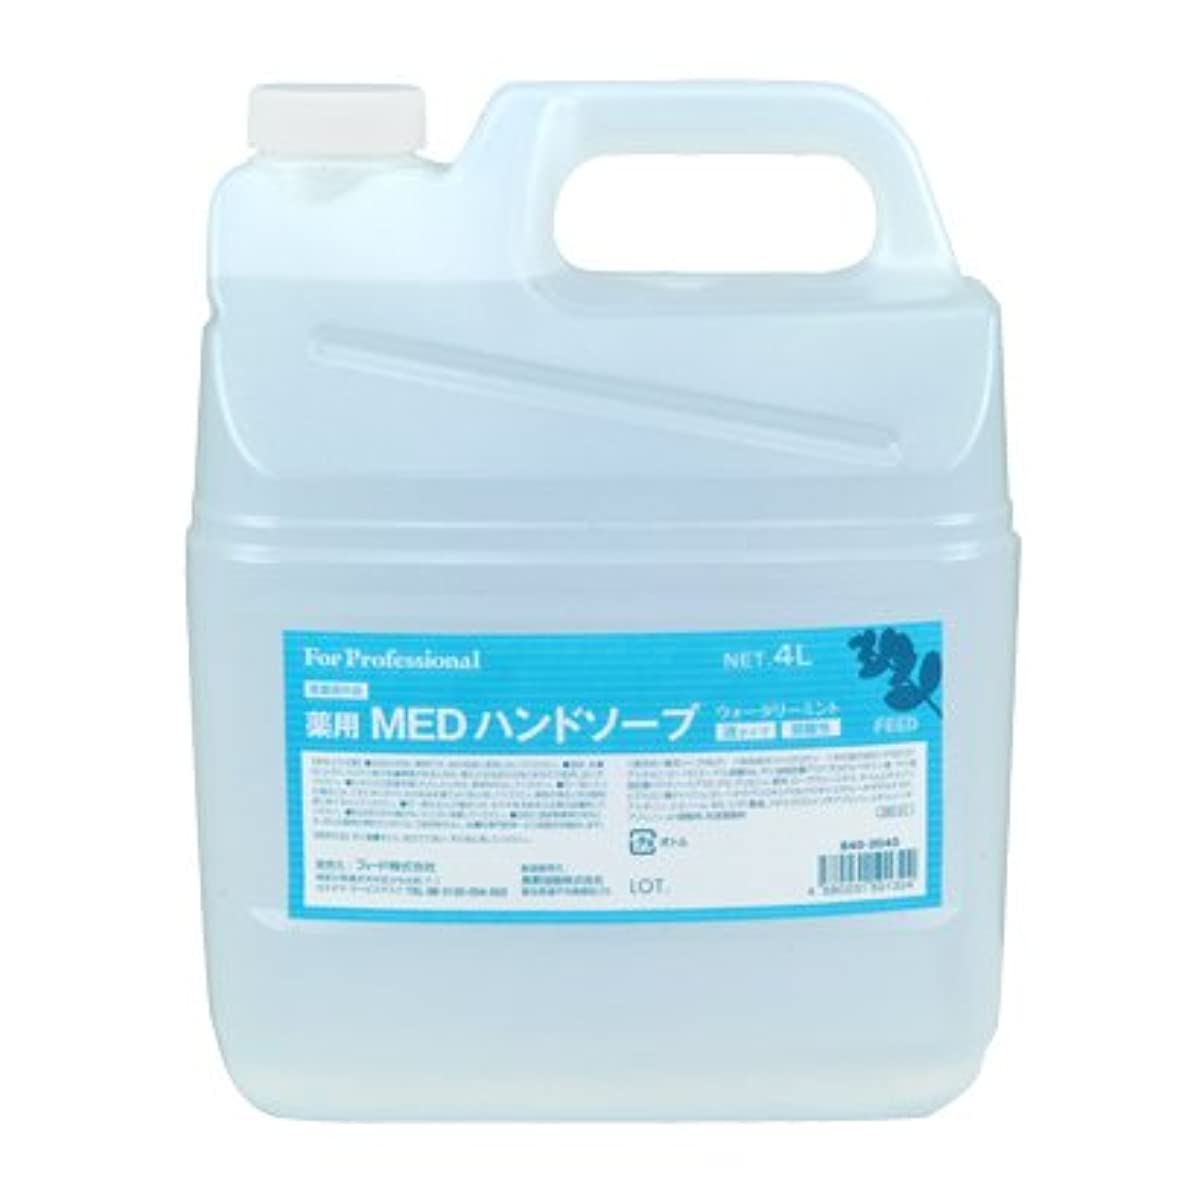 憧れスキニー下る【業務用】 FEED(フィード) 薬用 MEDハンドソープ 液タイプ/4L詰替用 ハンドソープ(液タイプ) 入数 1本